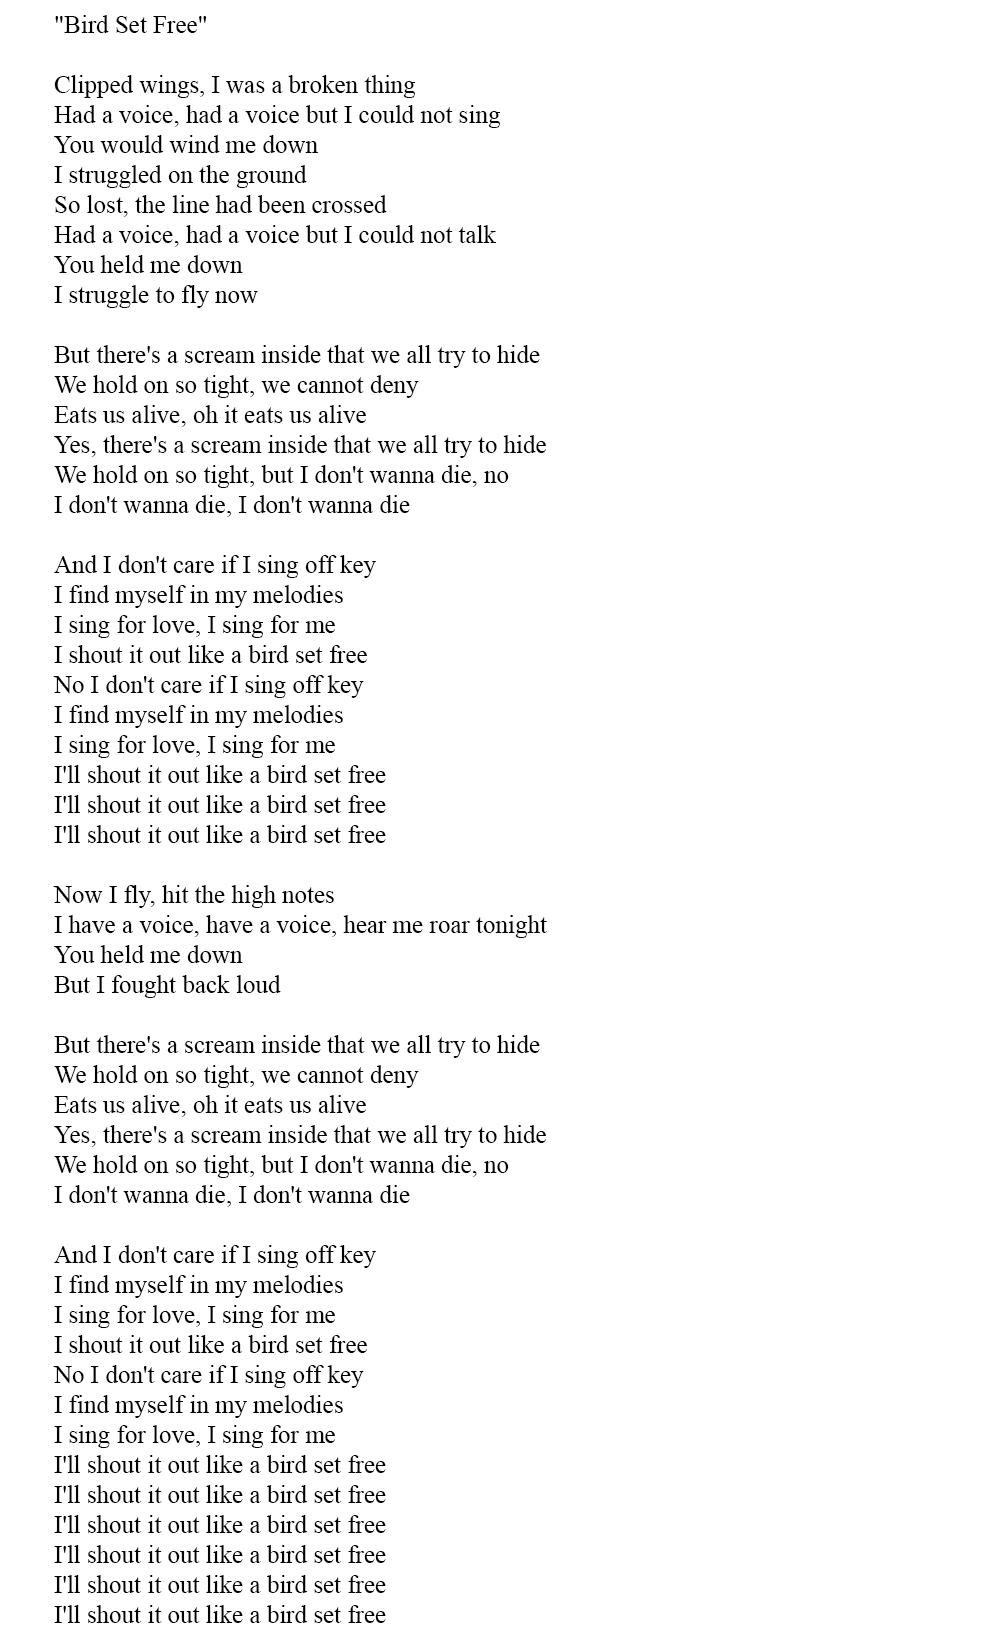 Тексты английских песен 2015 - Sia - bird set free